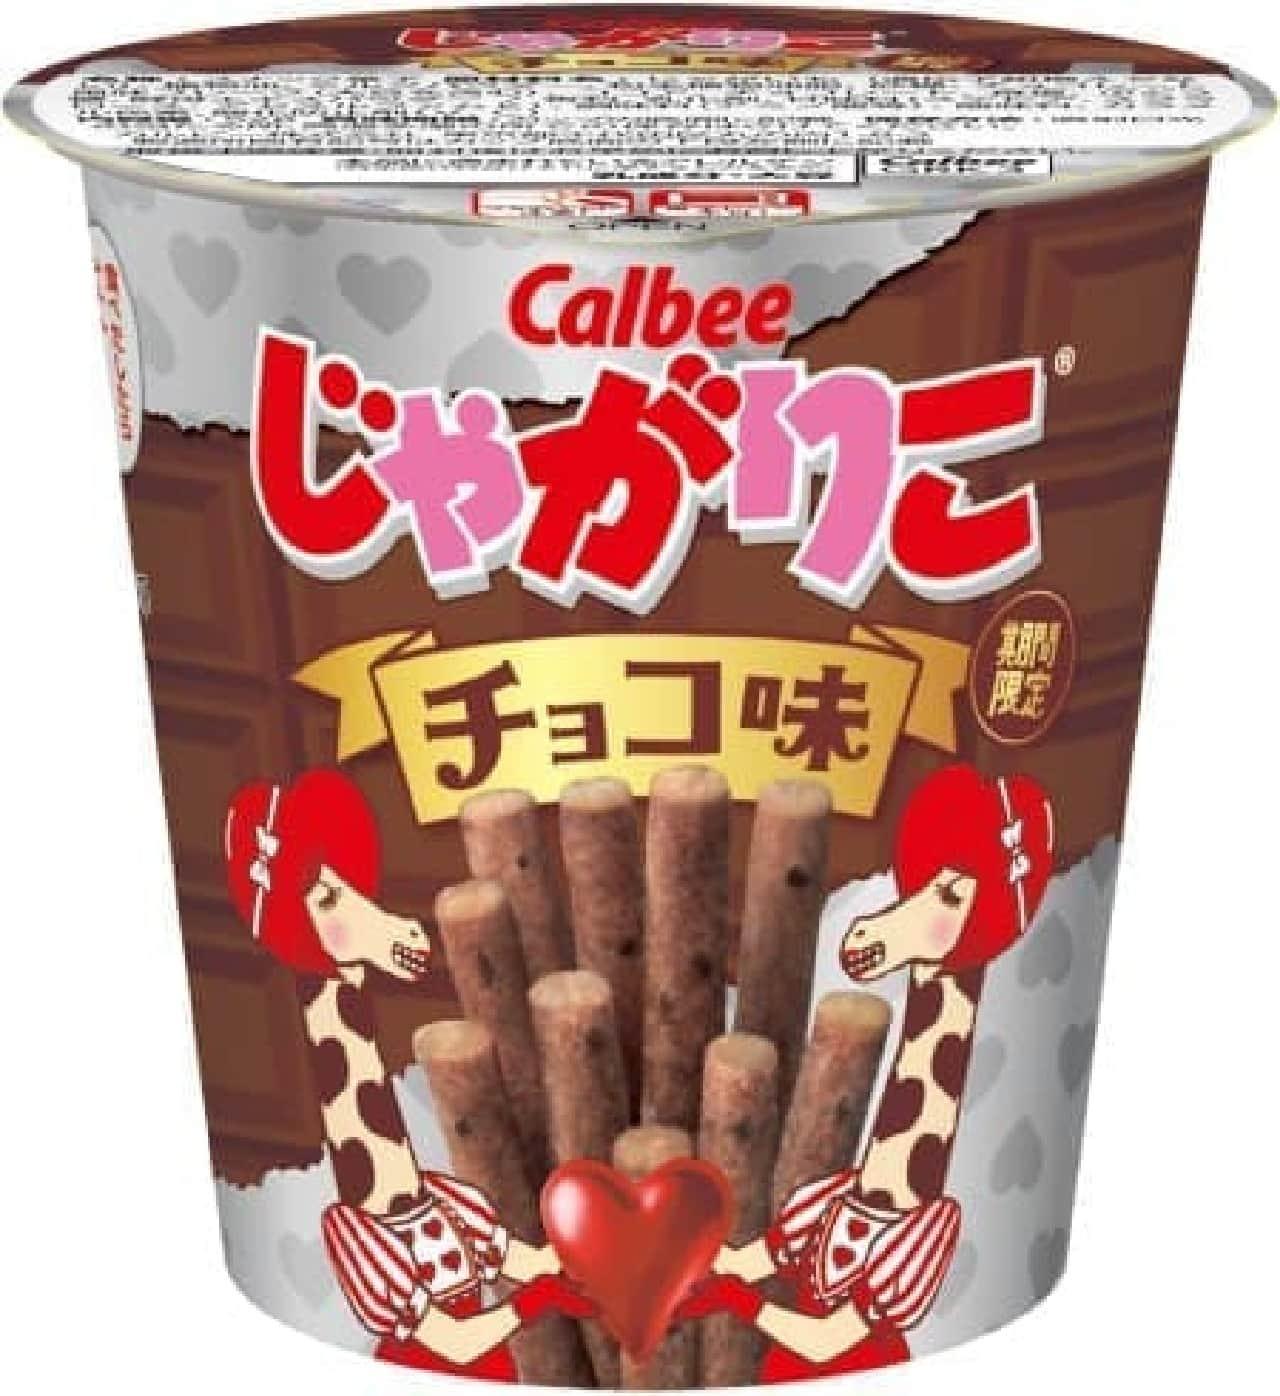 カルビー「じゃがりこ チョコ味」